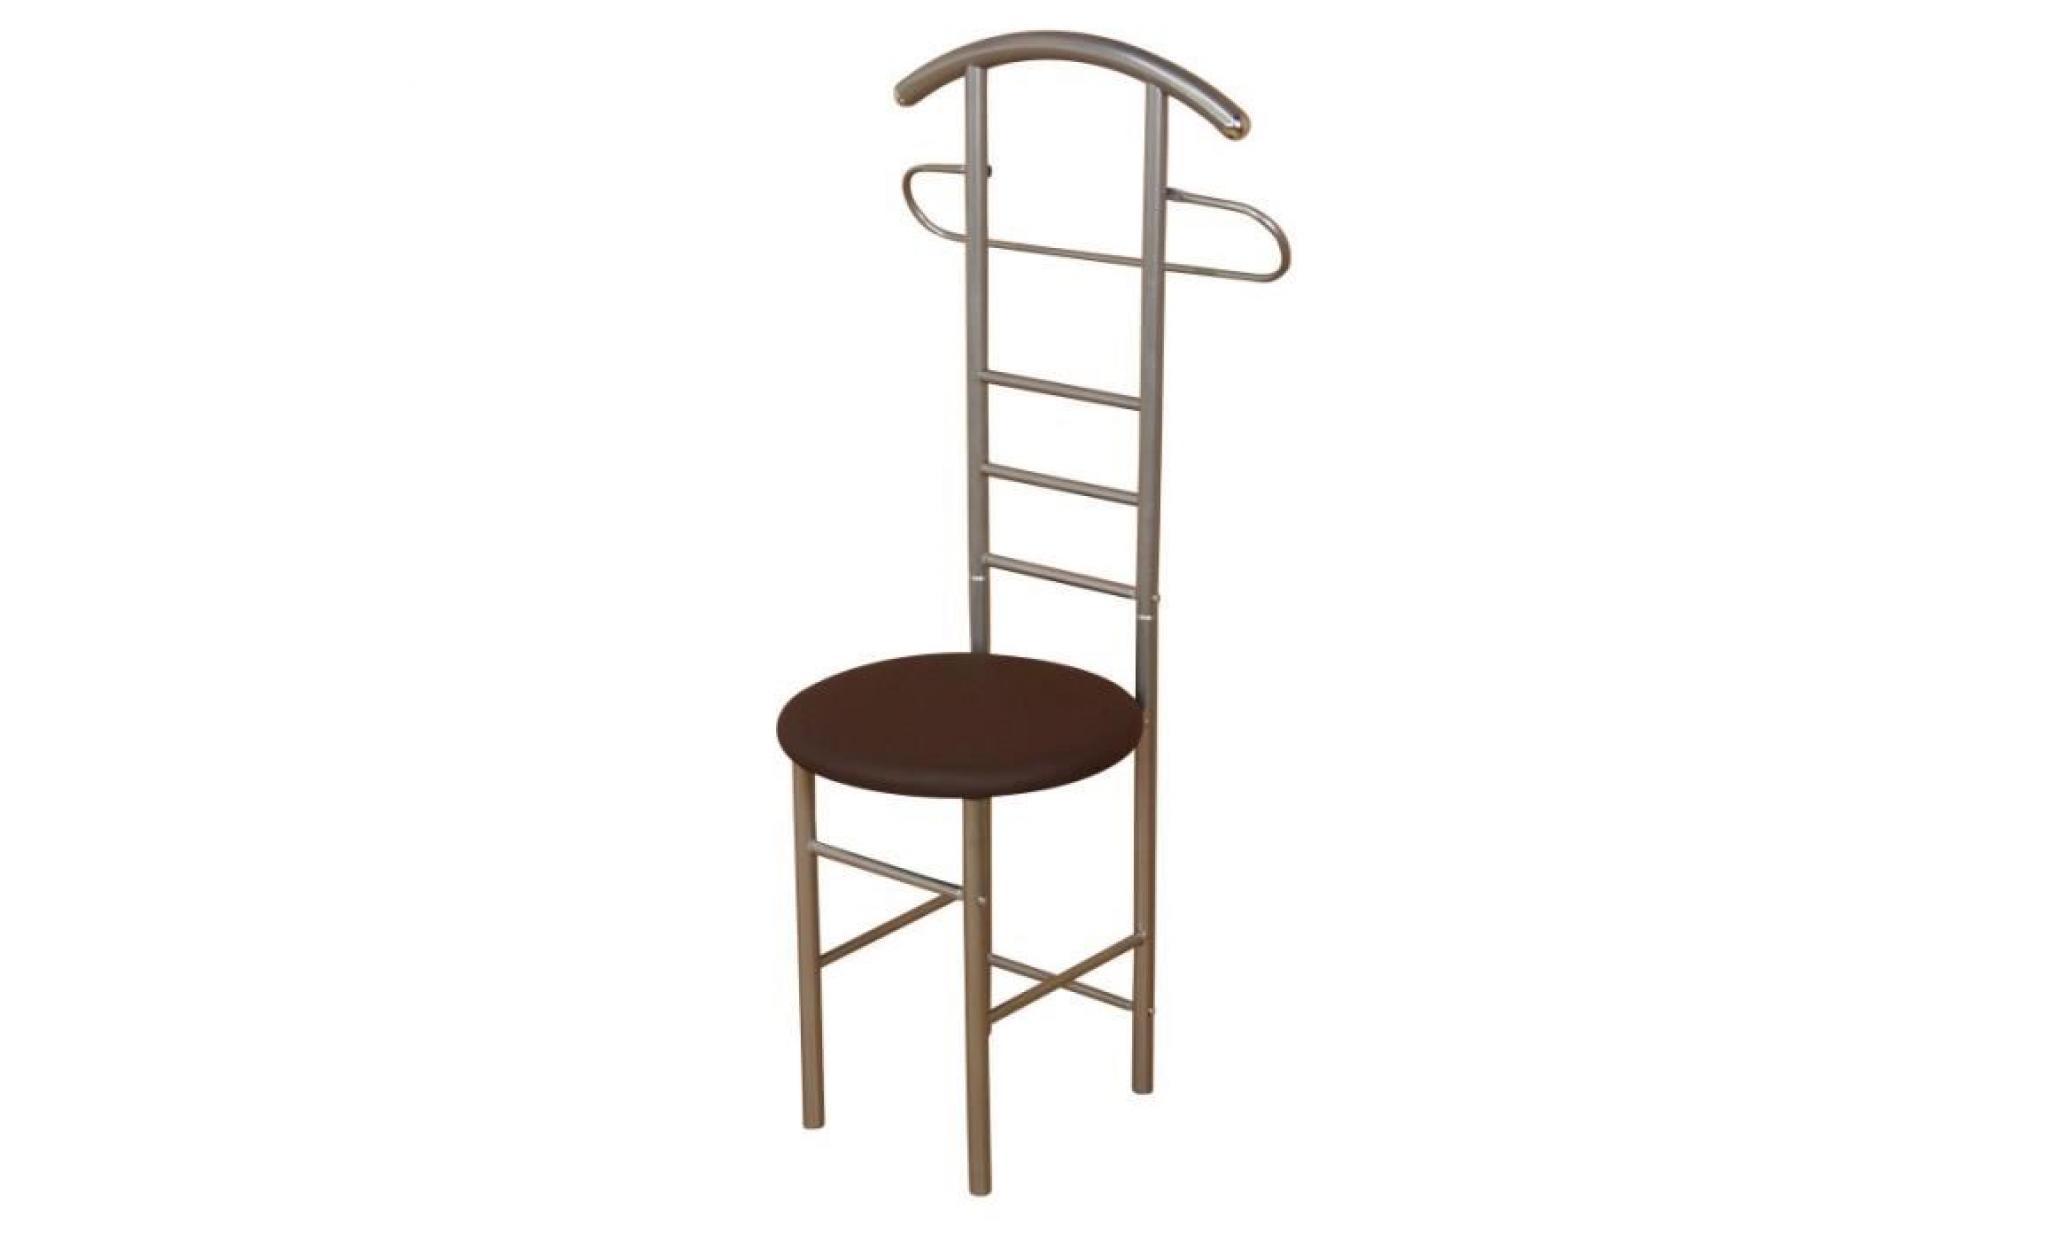 chaise de chambre valet de nuit portant en acier beige et similicuir marron med05103